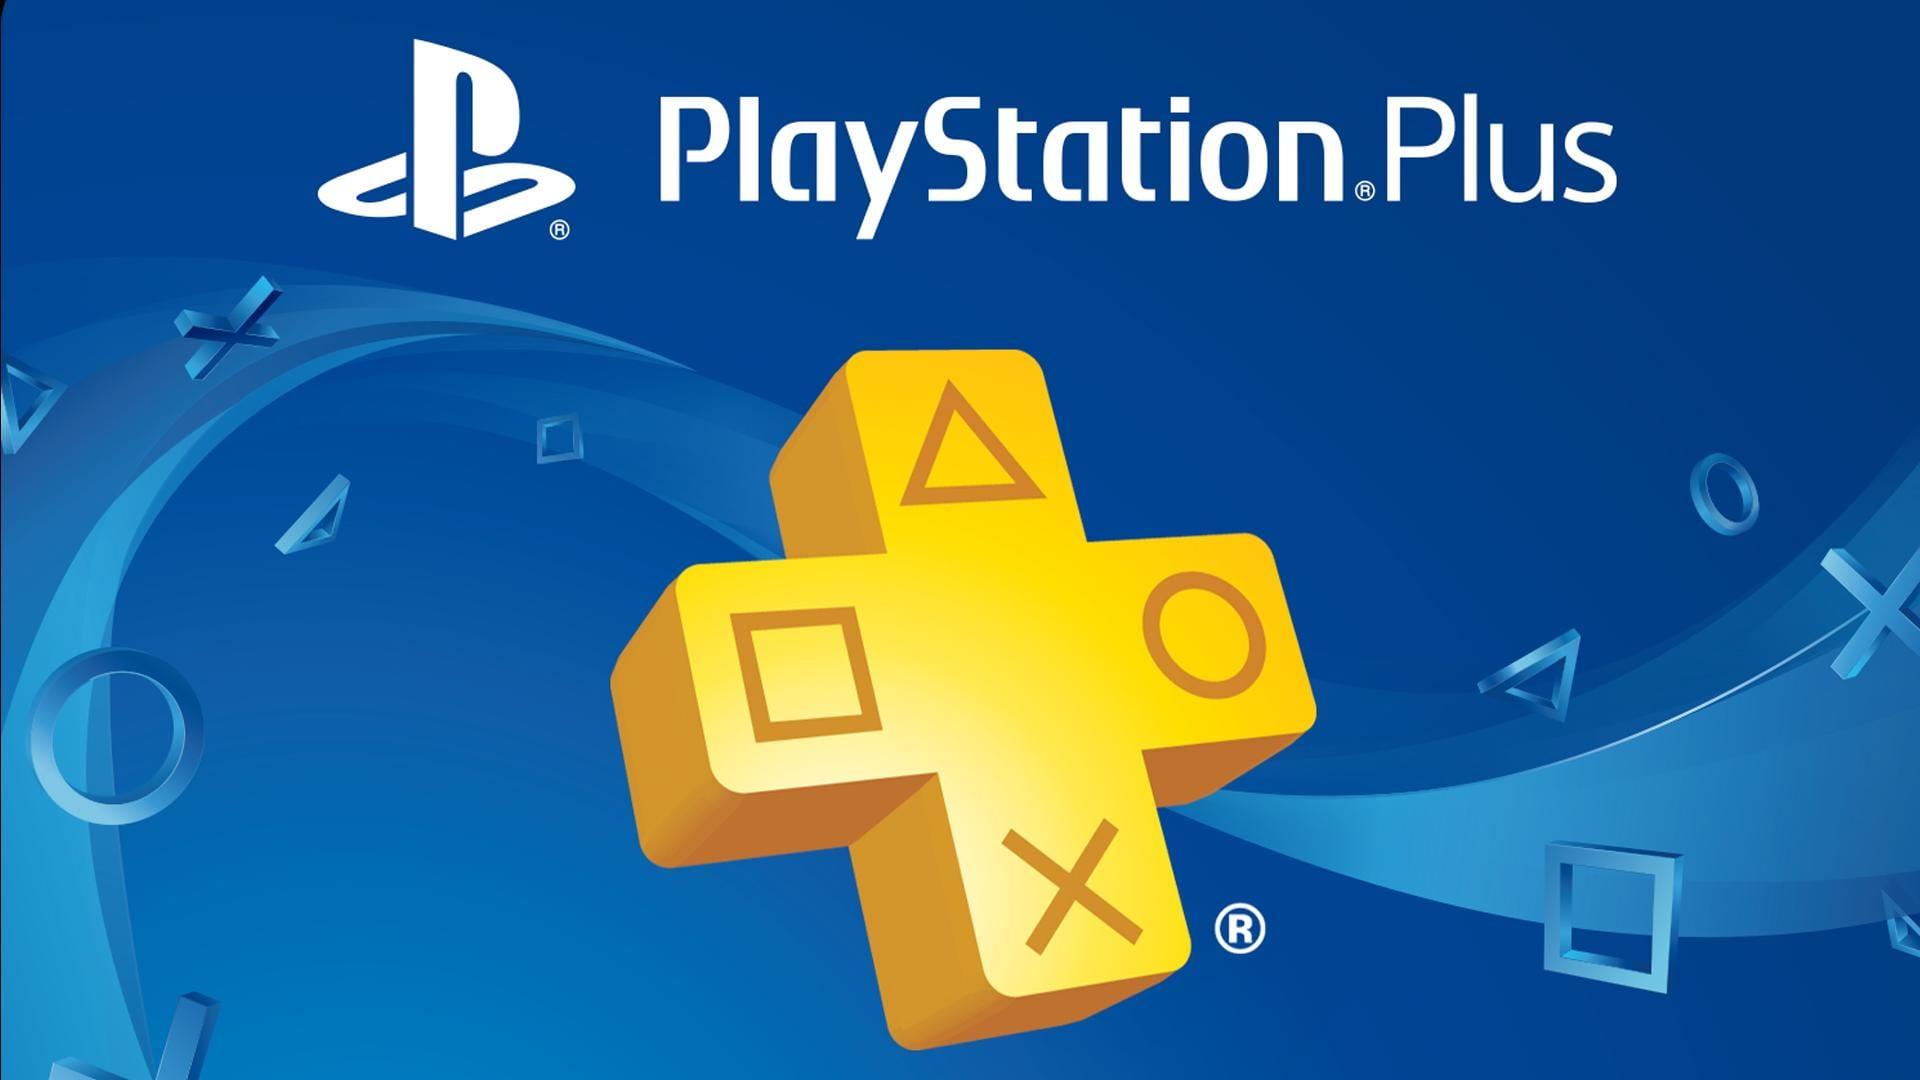 Depois de algumas especulações, a Sony vai finalmente anunciar oficialmente os jogos da PS Plus de Março para PlayStation 4.